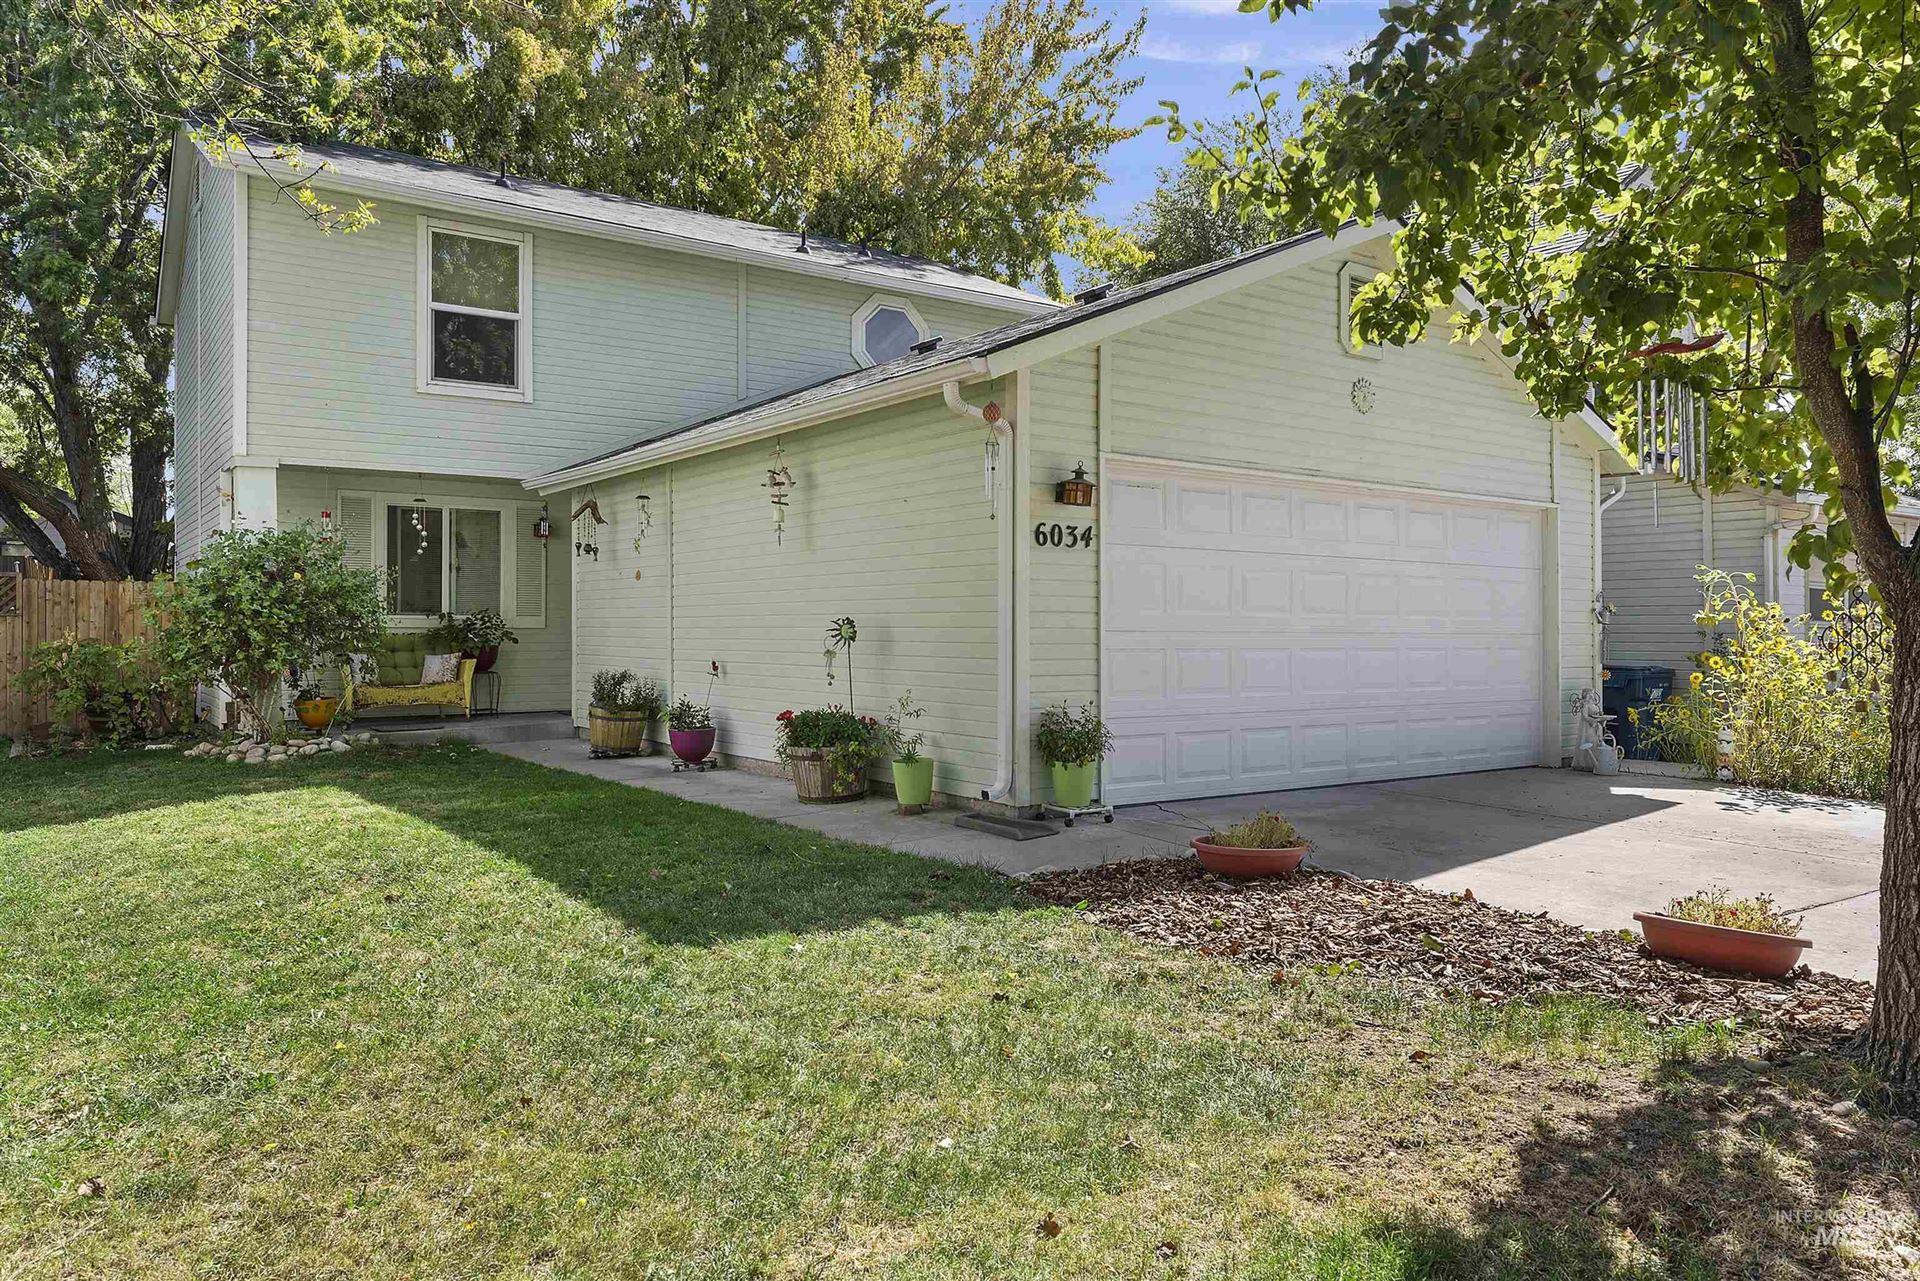 Photo of 6034 N Brook Pl, Garden City, ID 83714-1271 (MLS # 98819561)